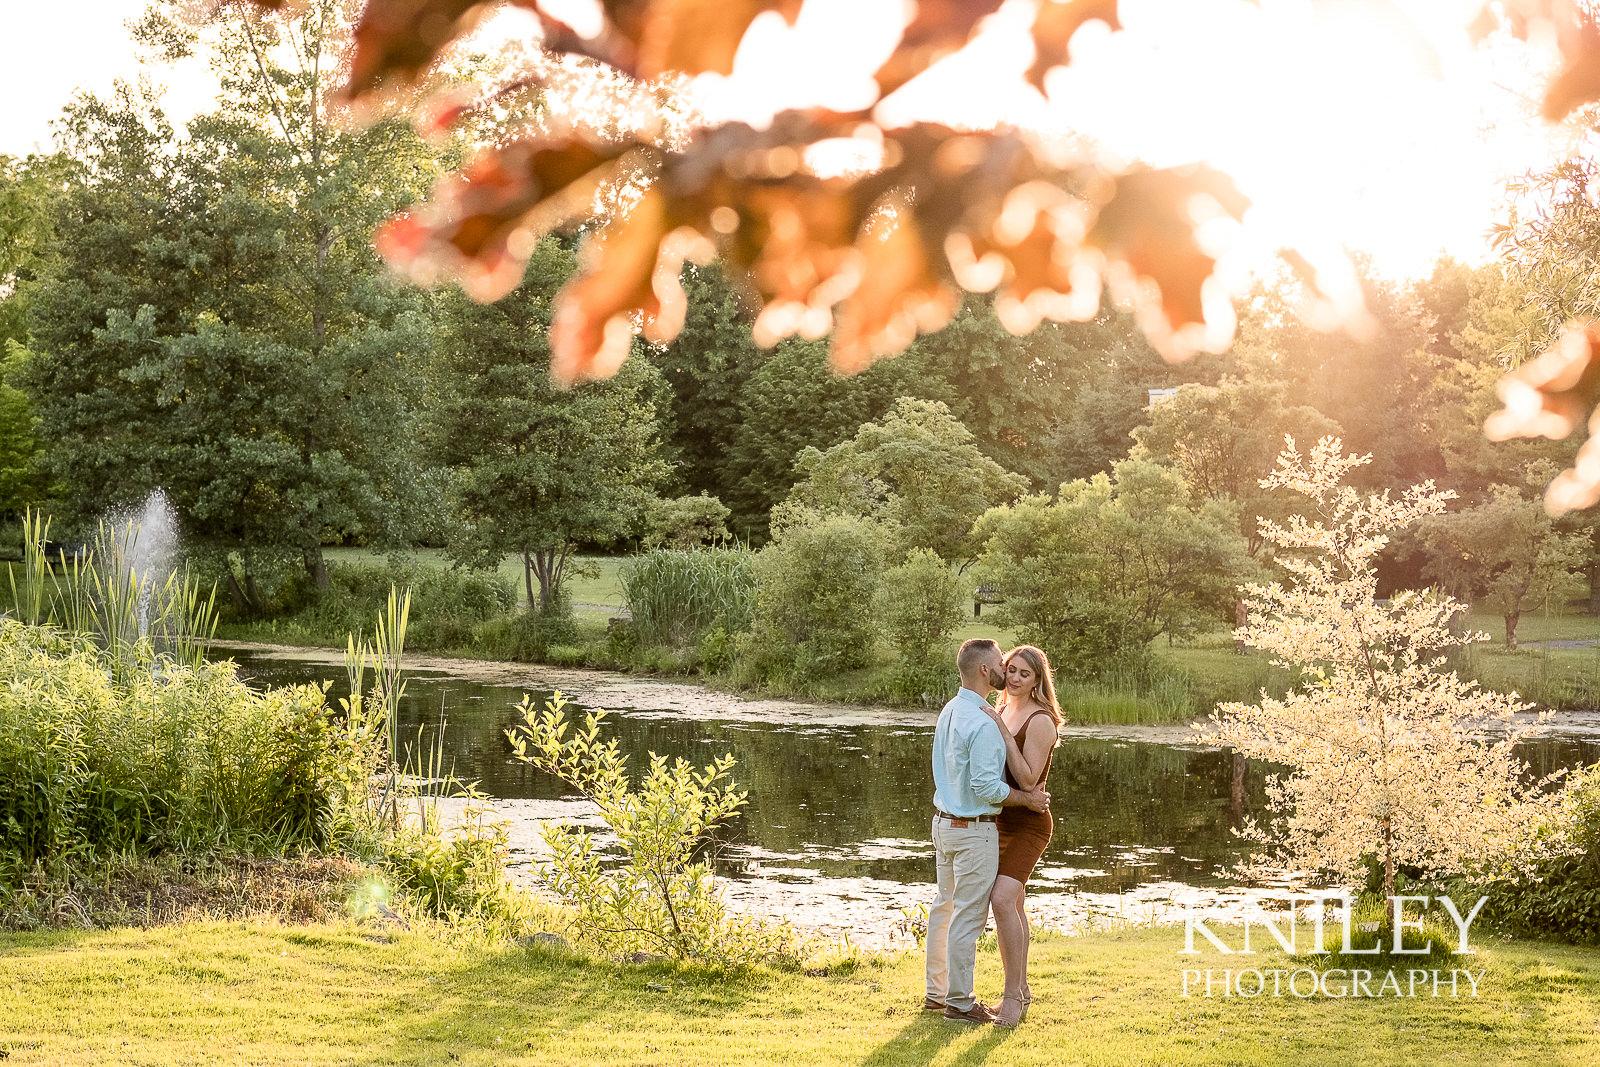 032 - Webster Arboretum Engagement Picture -XT2A2087.jpg